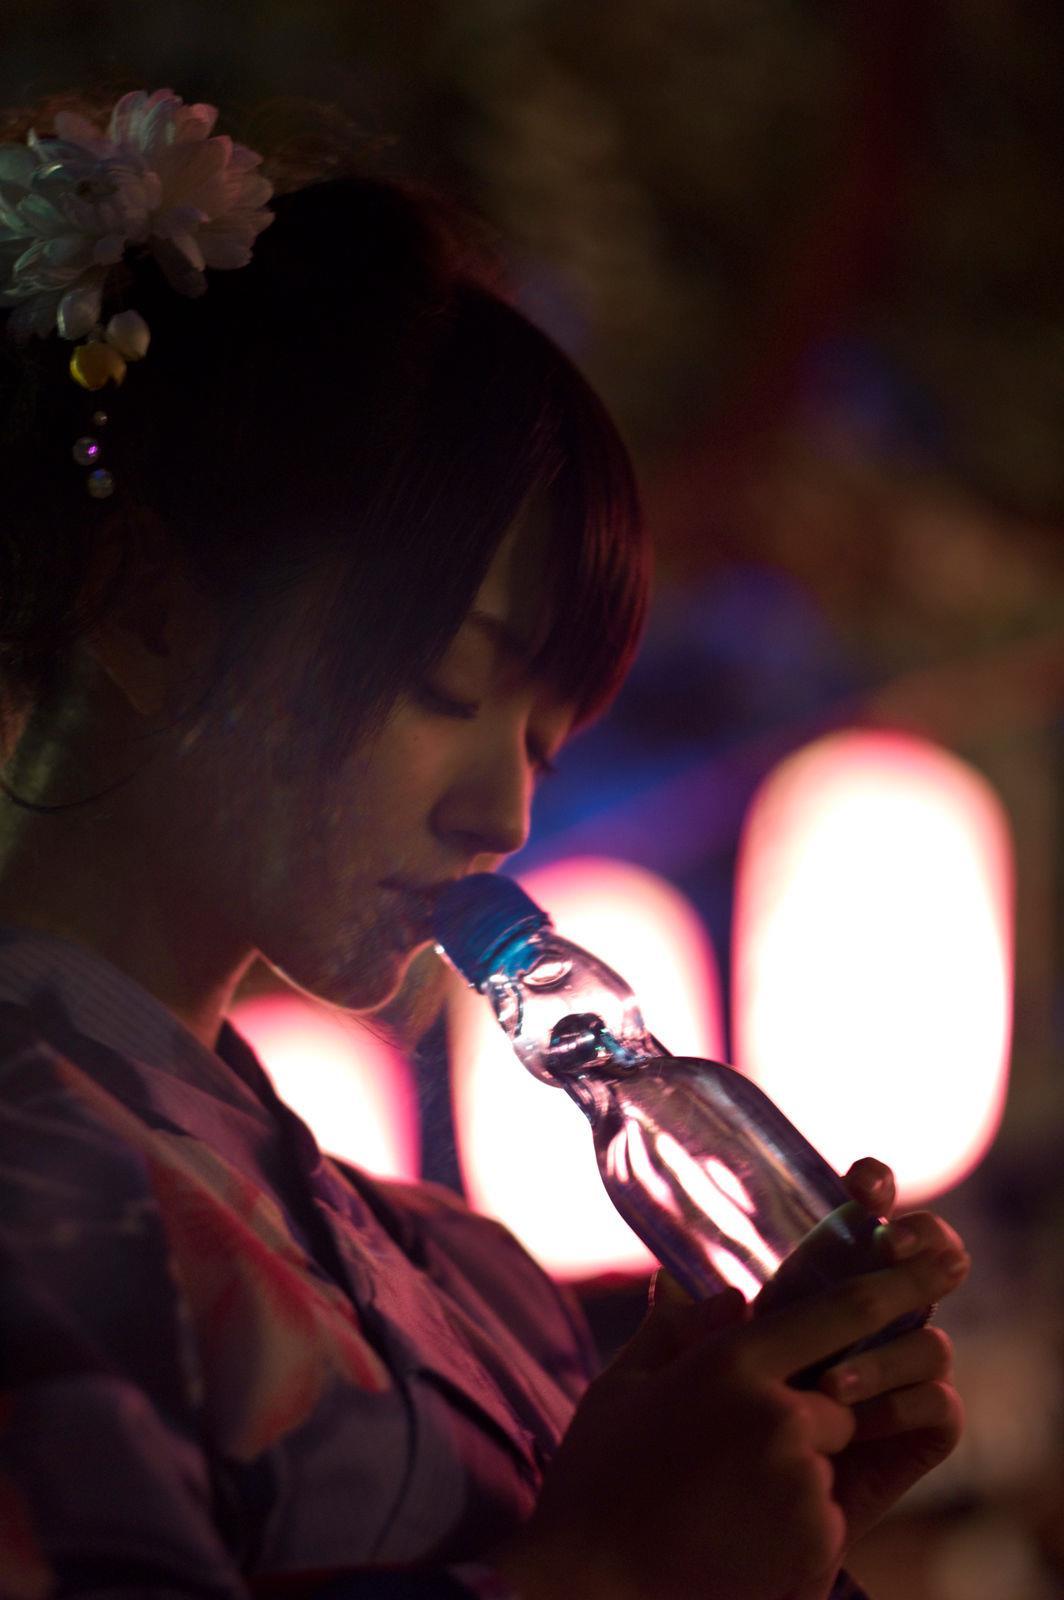 鈴木愛理(℃-ute) セクシー画像 74